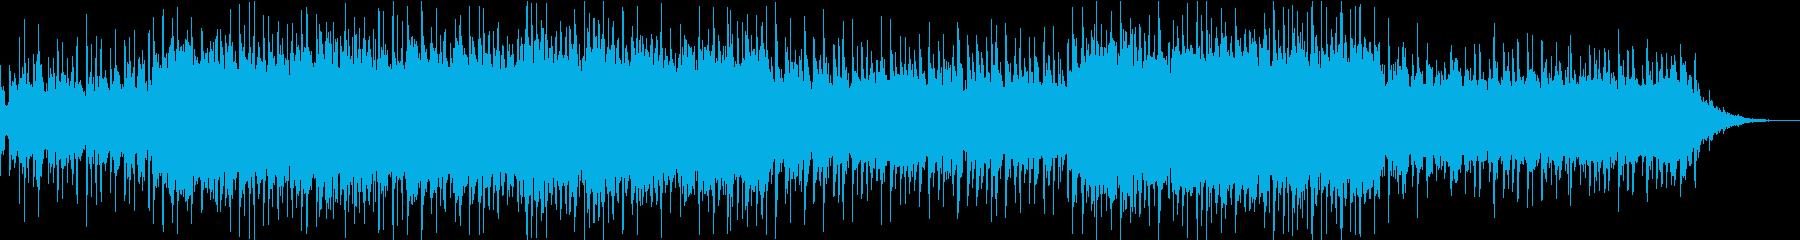 柔らかい雰囲気のテクノポップの再生済みの波形